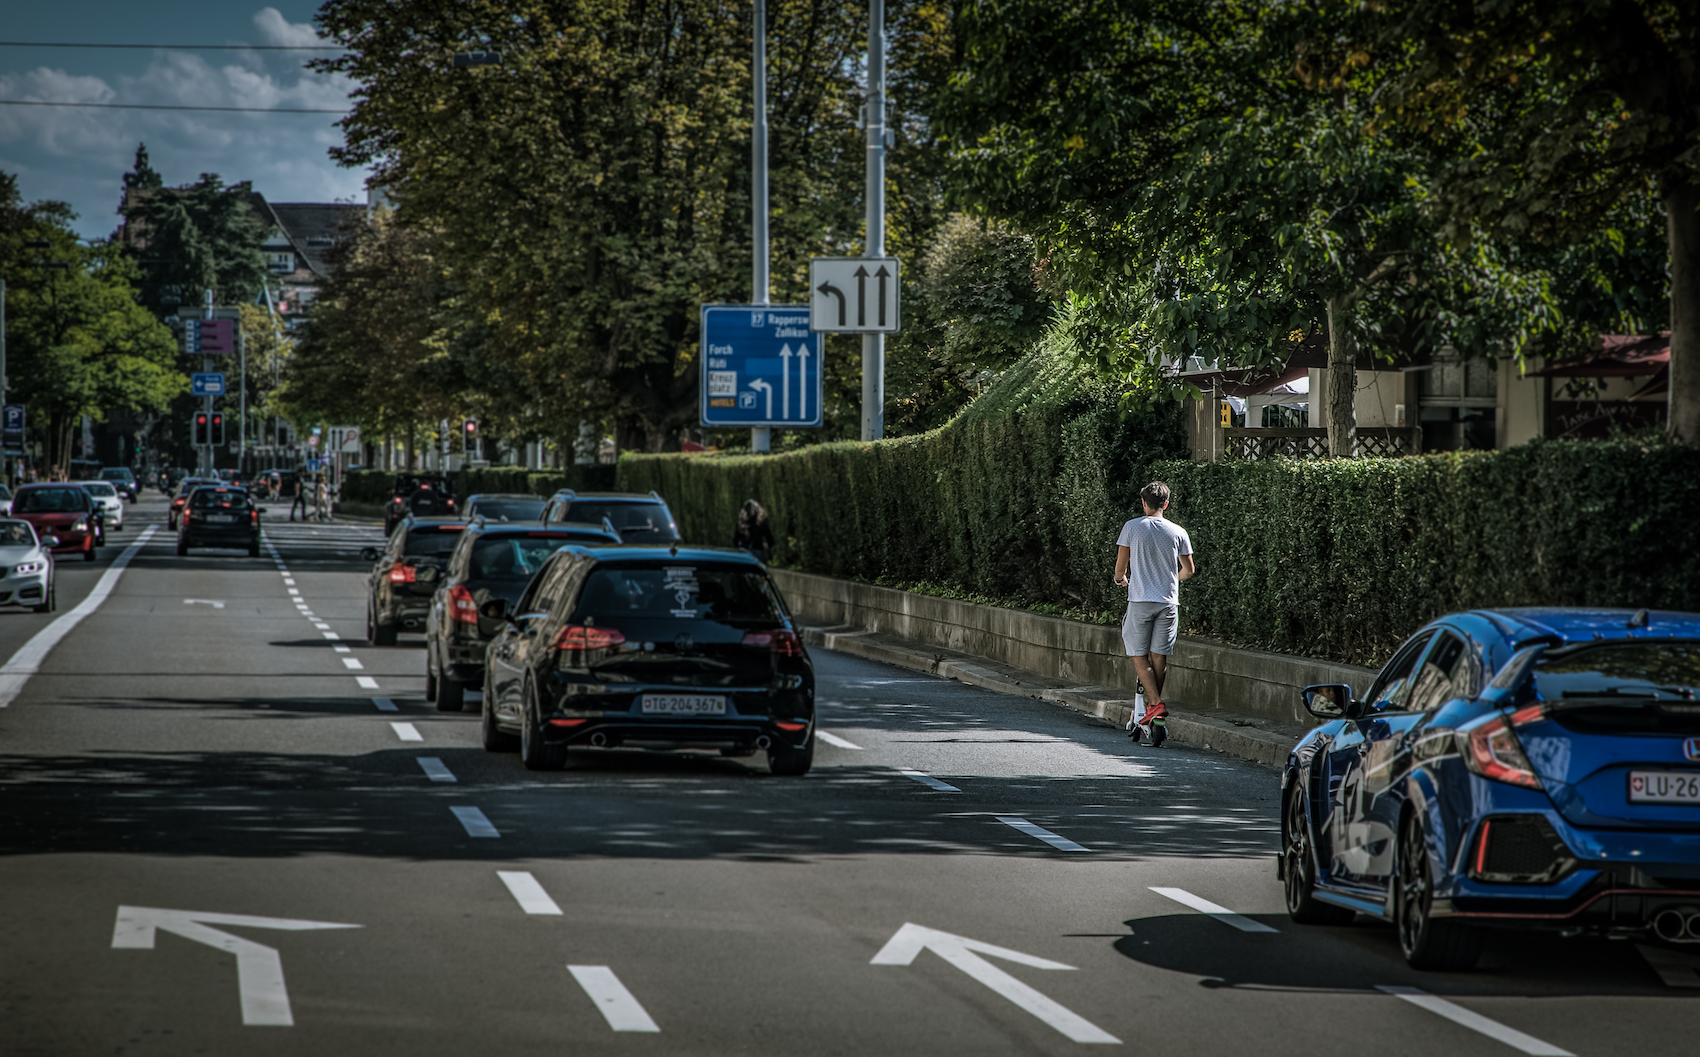 Un monopattinatore 'elettrico' nel traffico stradale di Zurigo. (Philippe Rossier)